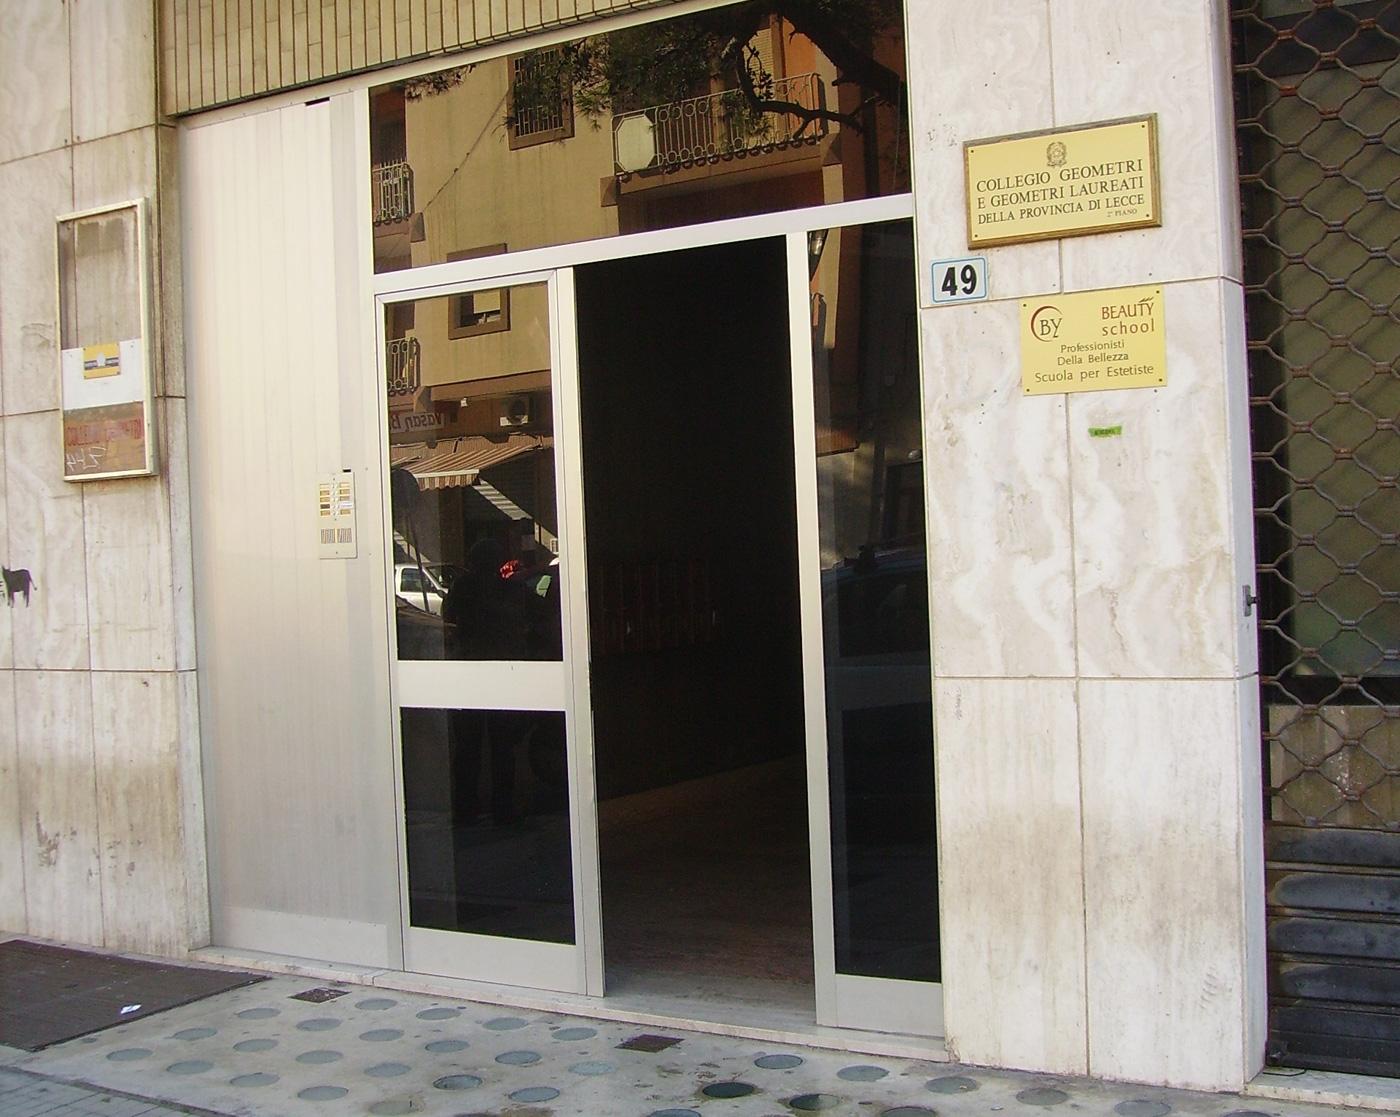 Selezione per il rinnovo dei componenti il Consiglio Territoriale di Disciplina del Collegio Geometri e Geometri Laureati di Lecce